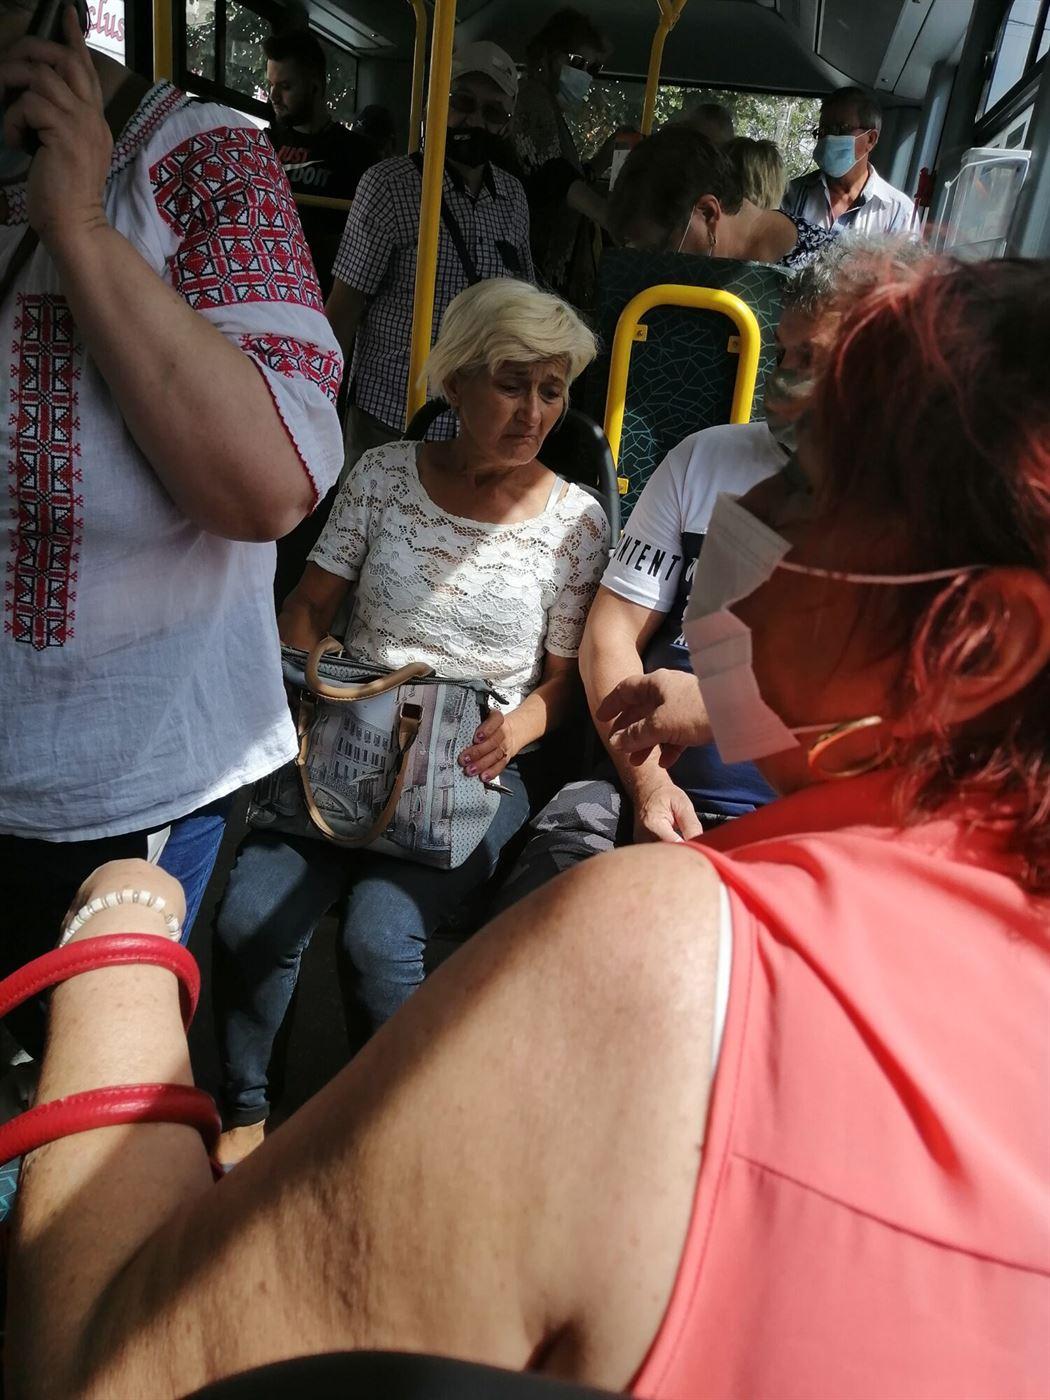 Polițiștii au depistat în cursul zilei de ieri 11 persoane care nu purtau masca de protecție, obligatorie în mijloacele de transport în comun